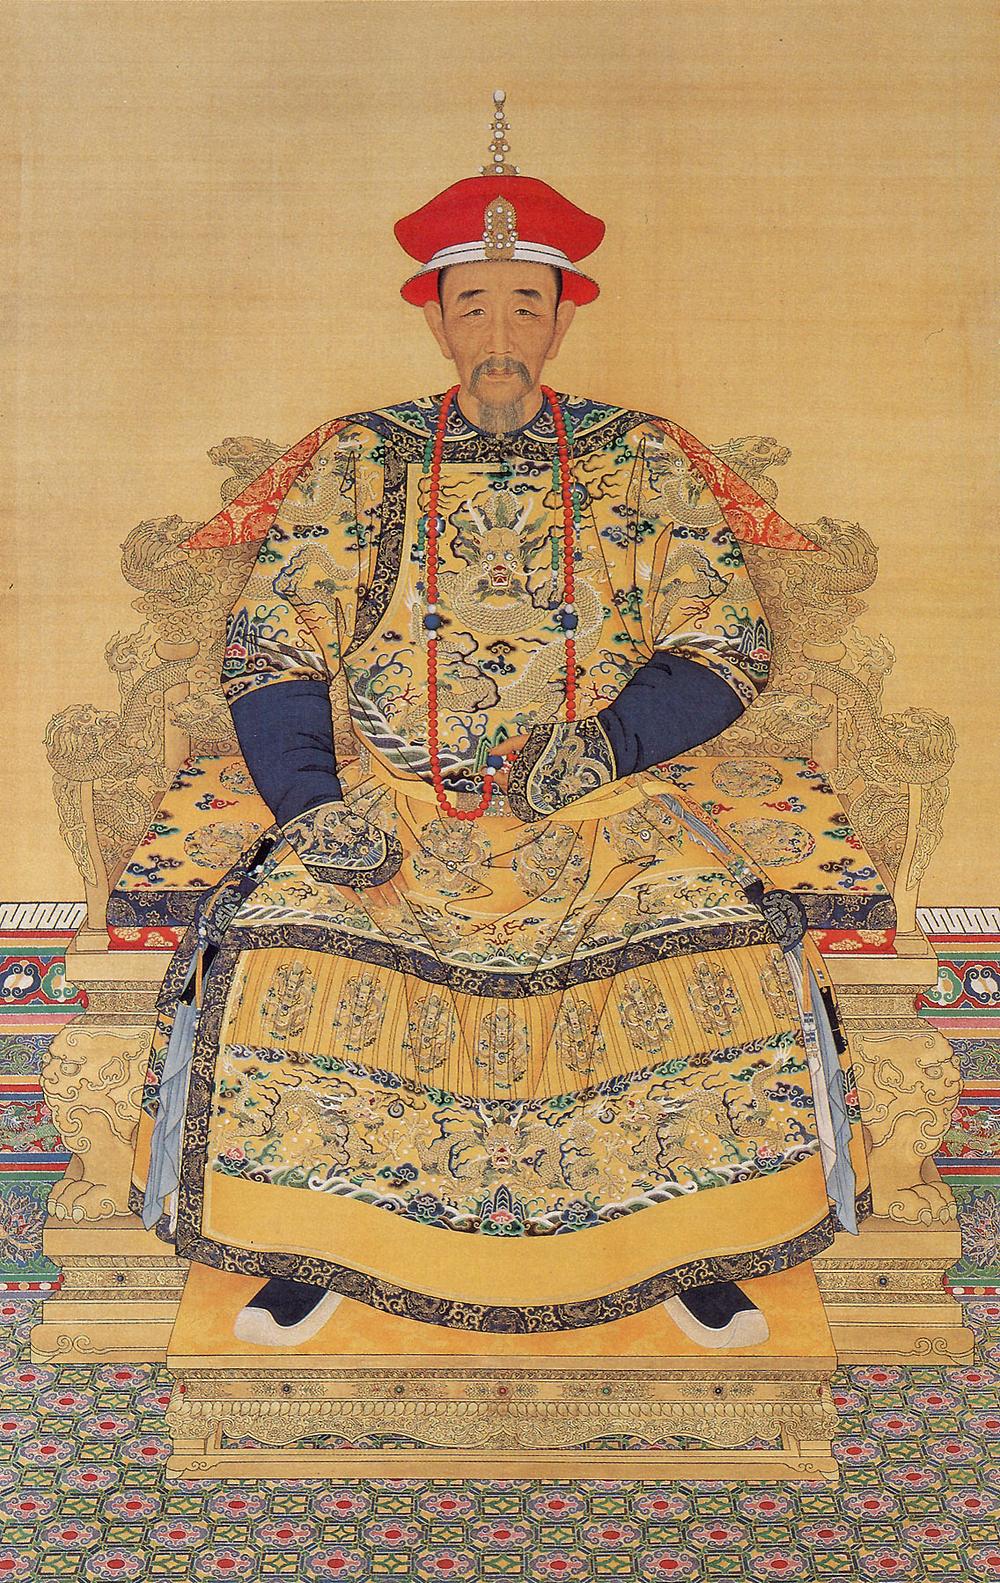 康熙皇帝朝服全身像